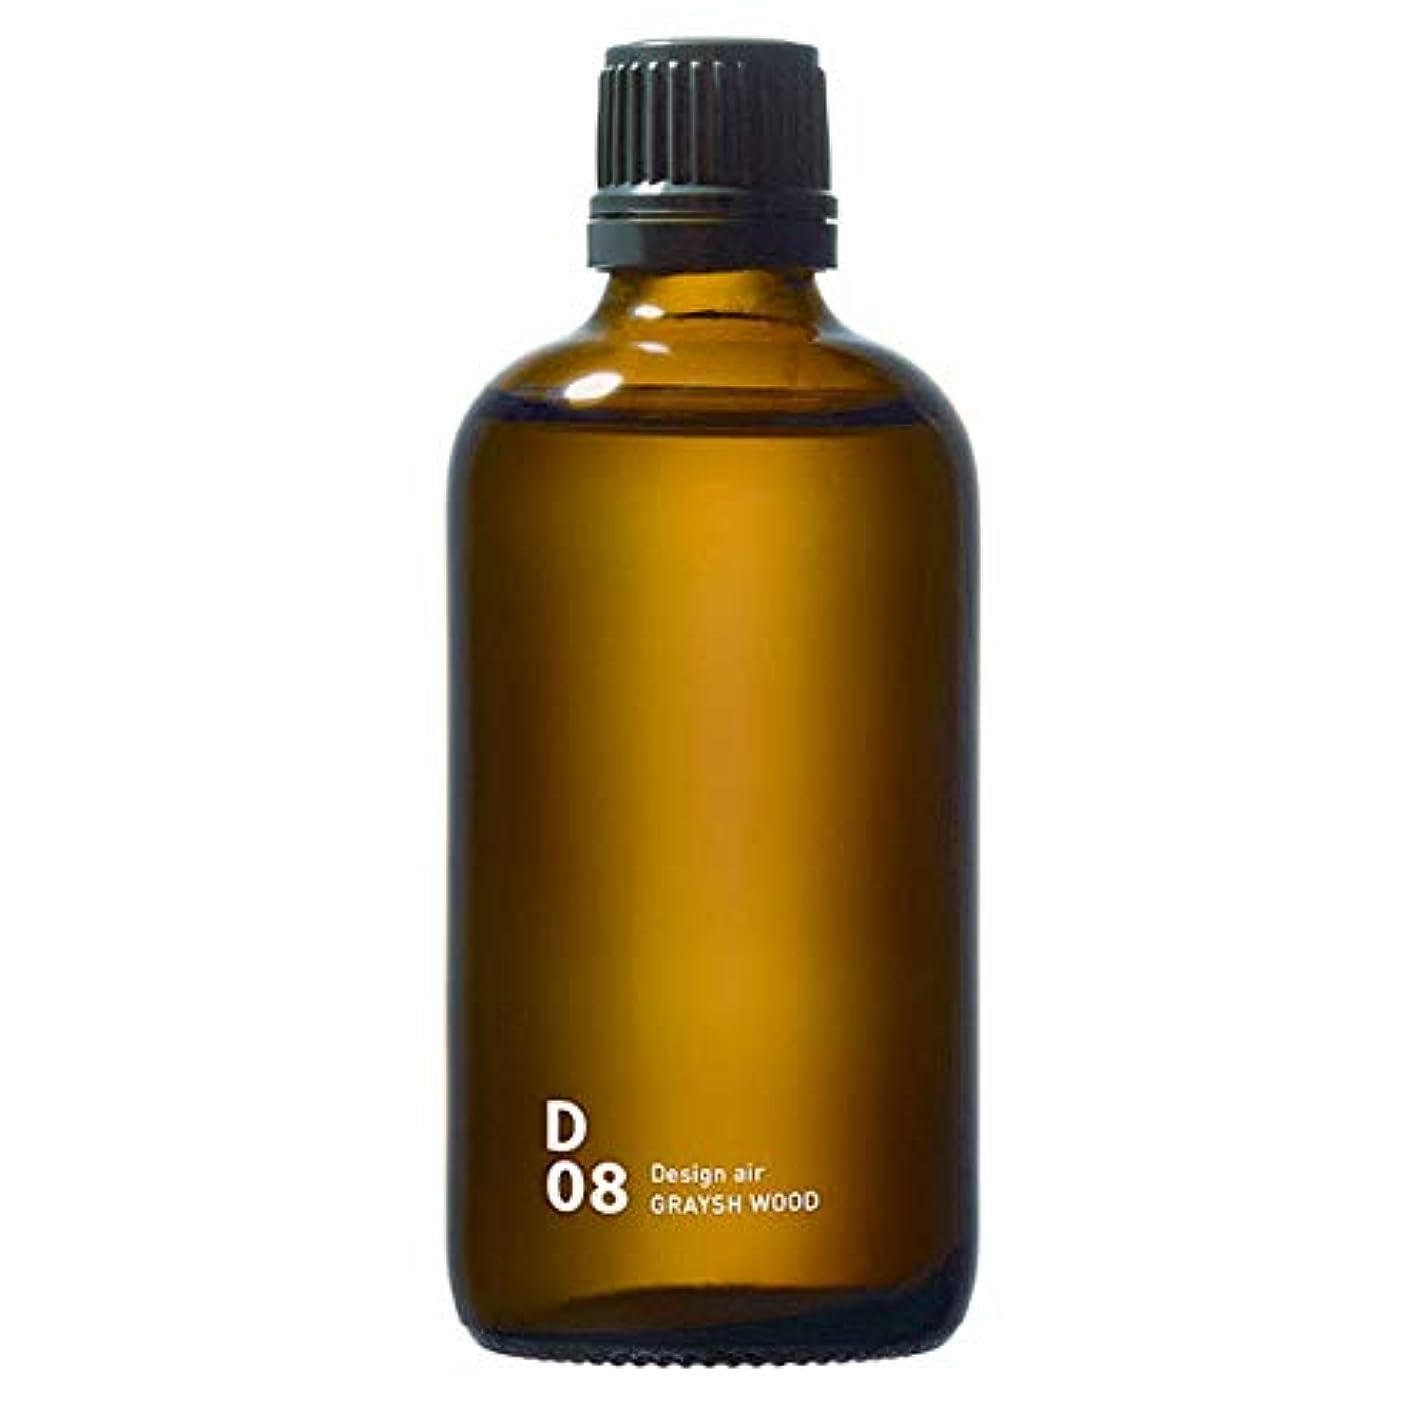 高原ギャラリー先見の明D08 GRAYISH WOOD piezo aroma oil 100ml